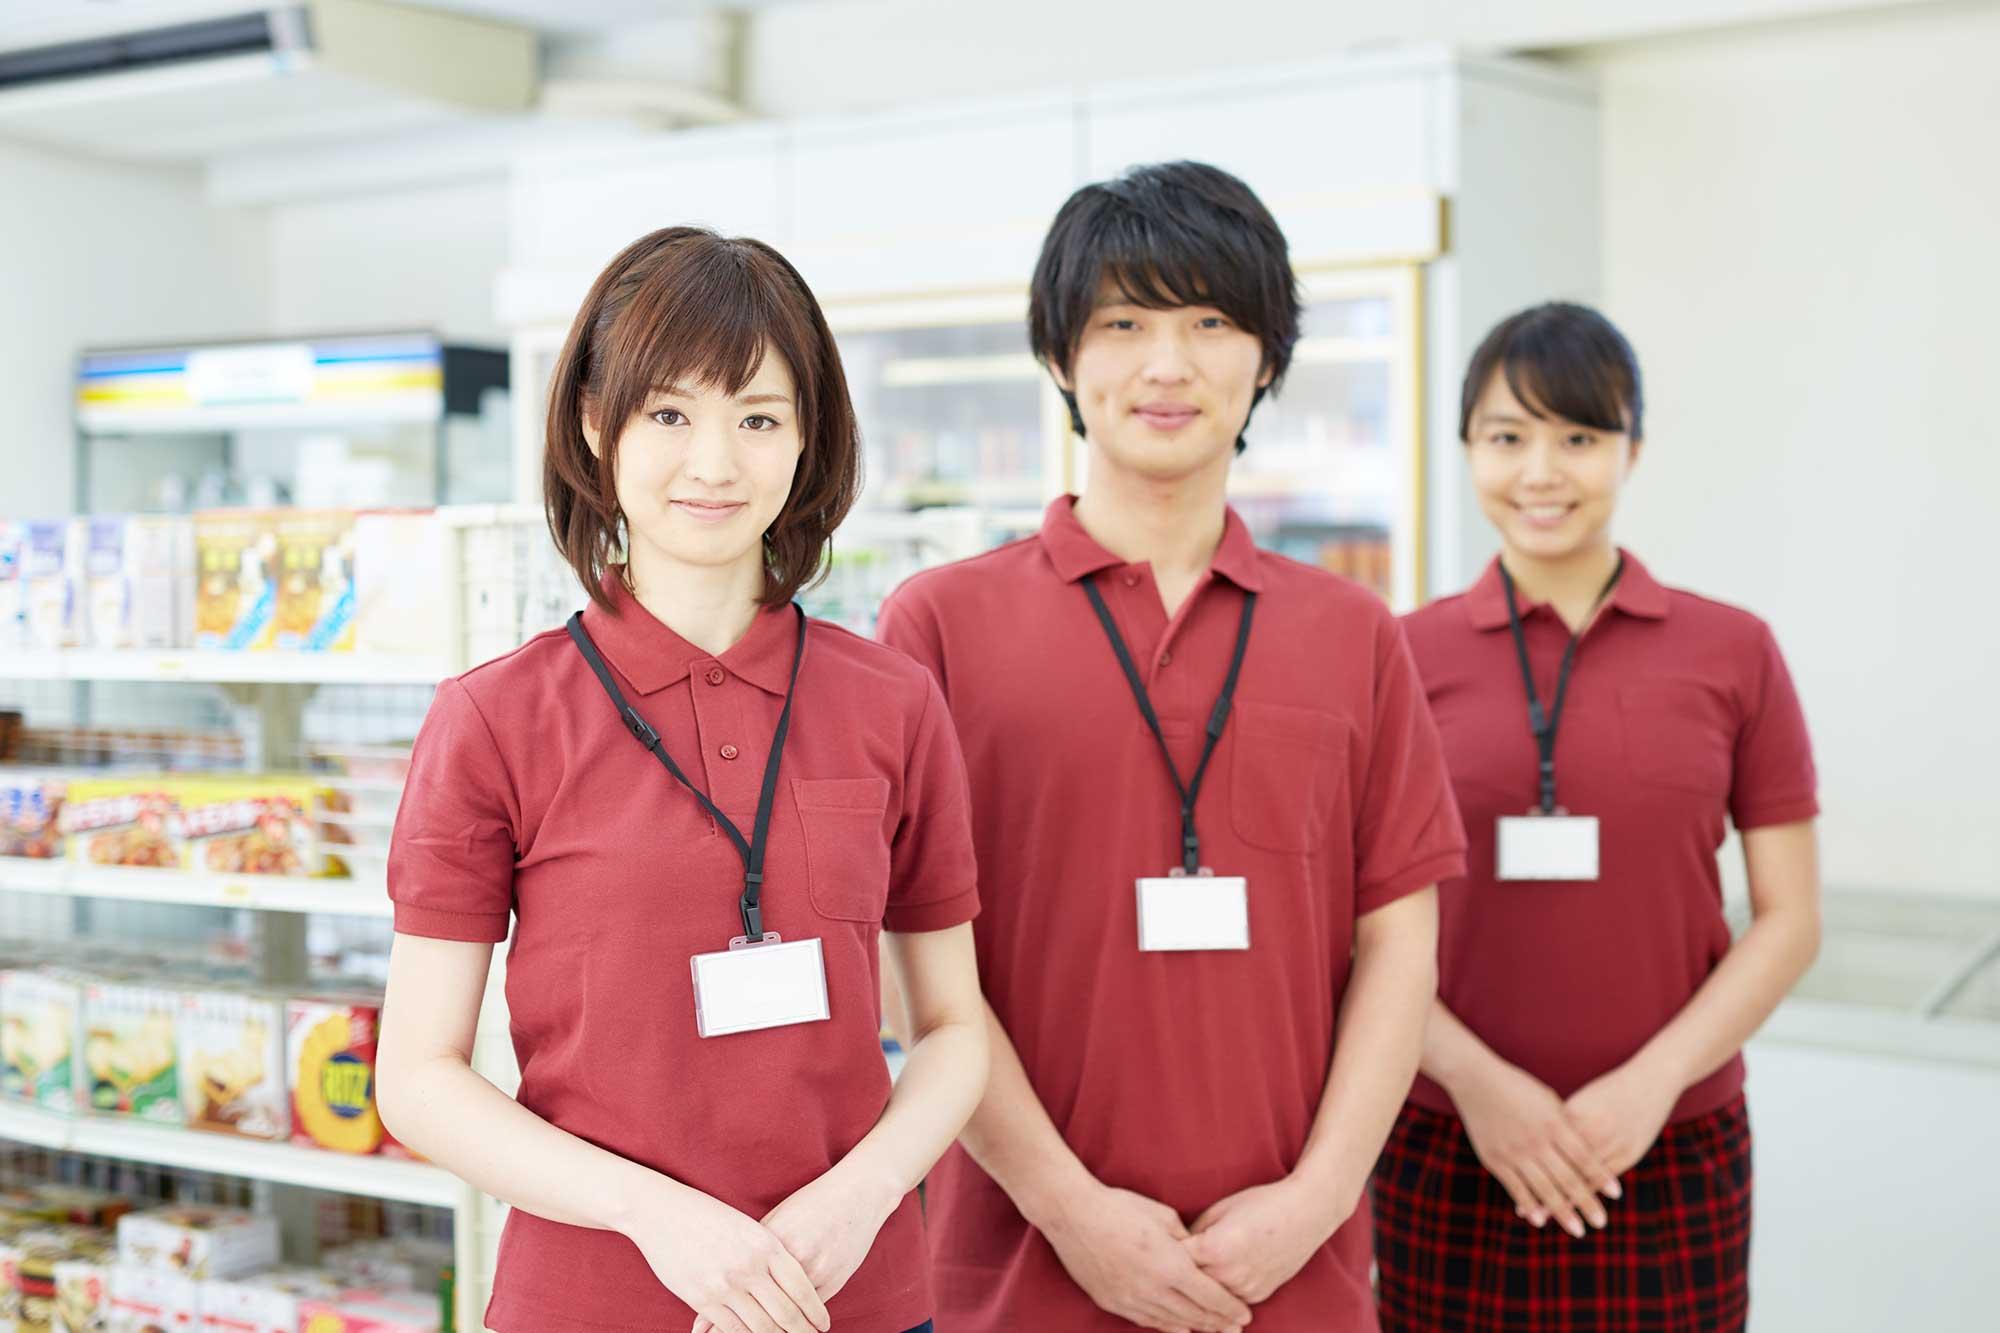 対策4. スタッフ教育とお店の管理体制を見直す